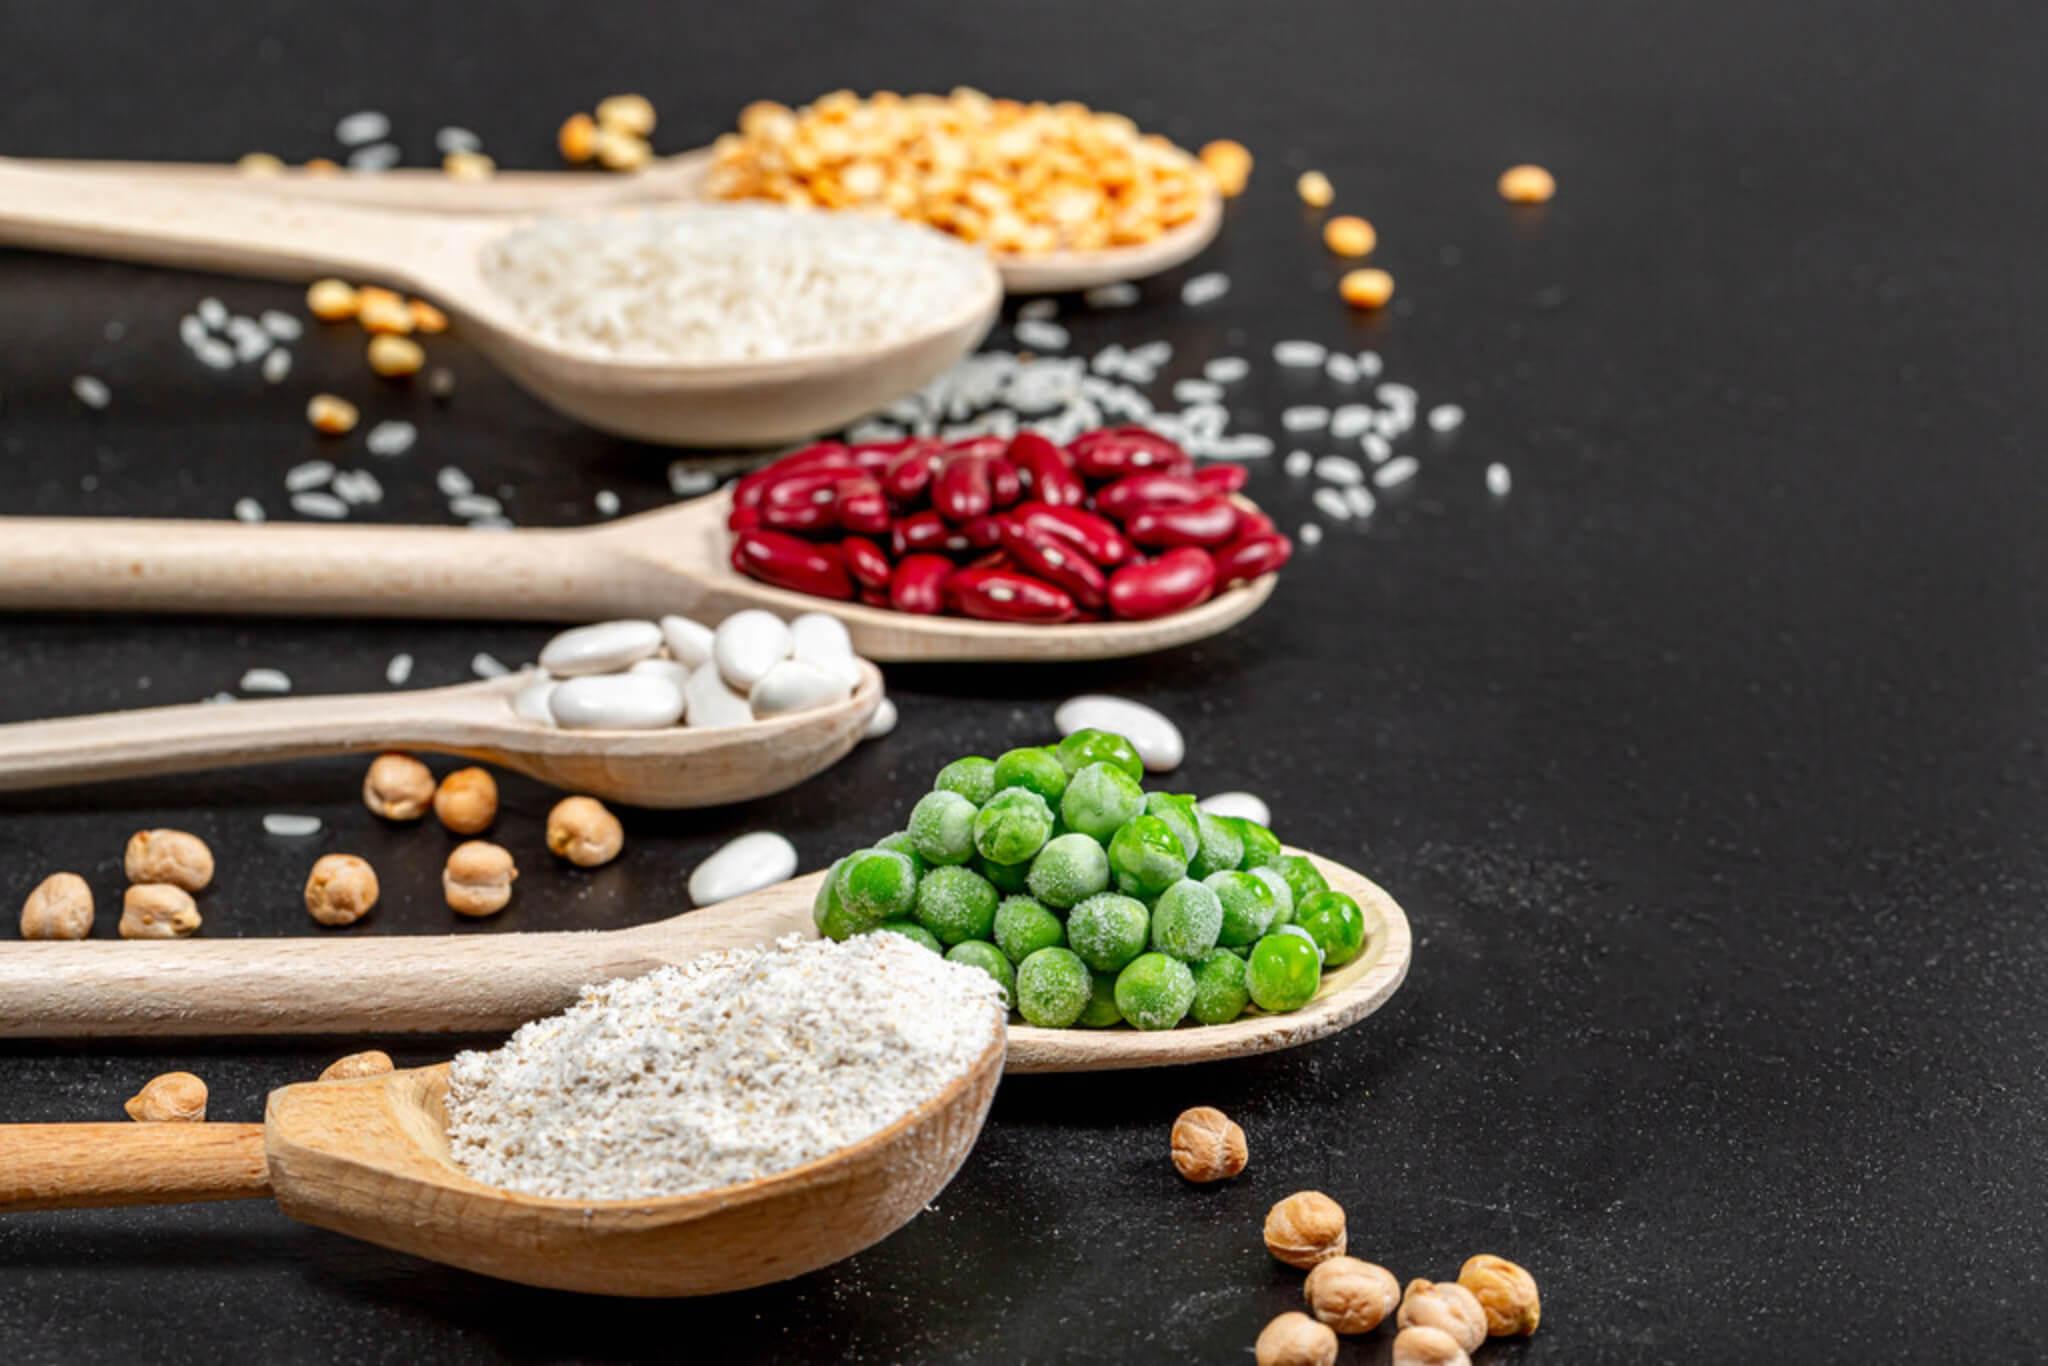 le proteine forniscono calorie vuote